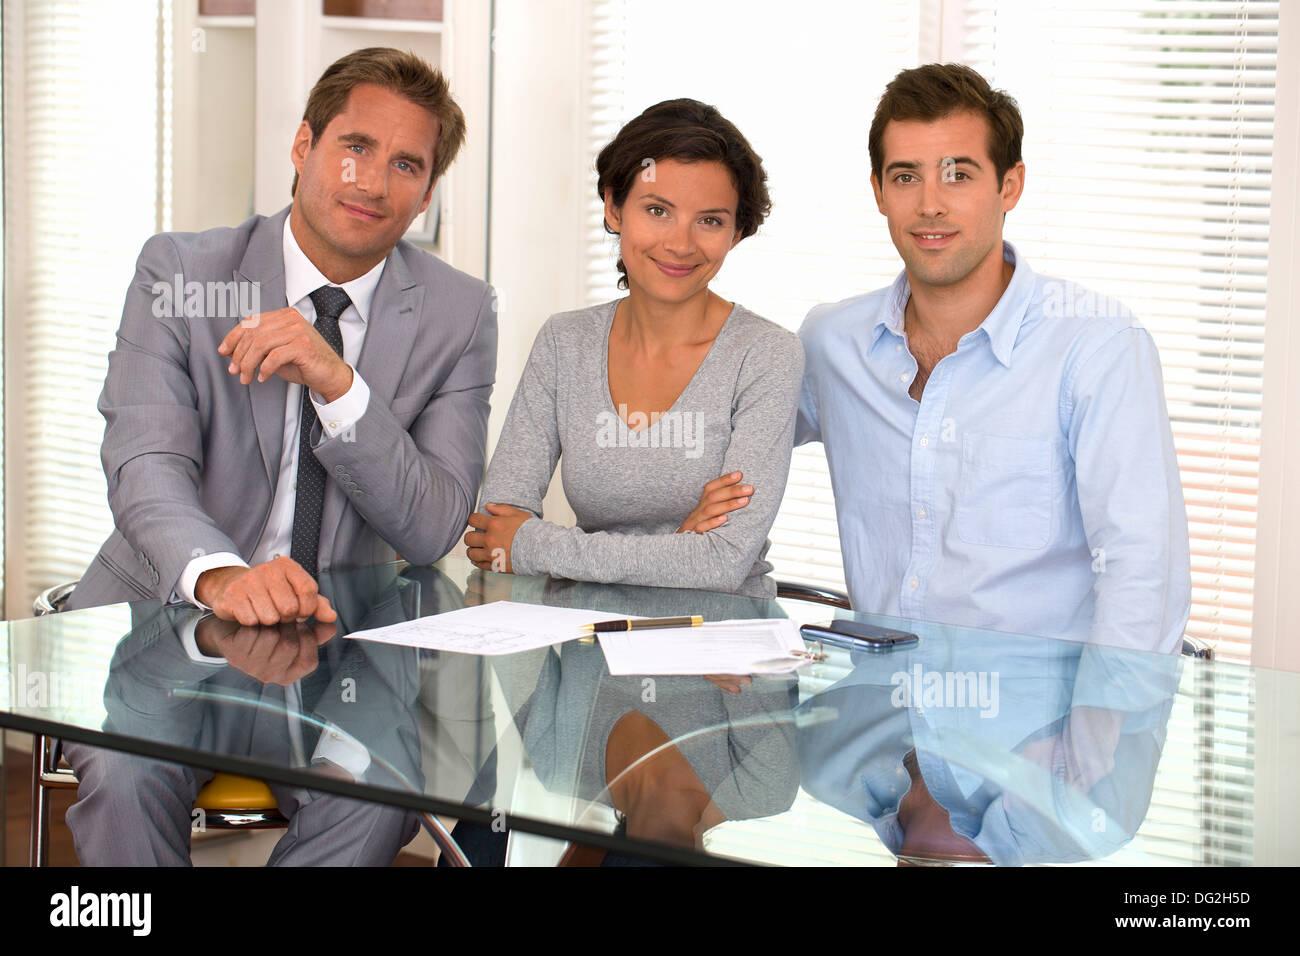 woman man businessman indoor desk contract - Stock Image